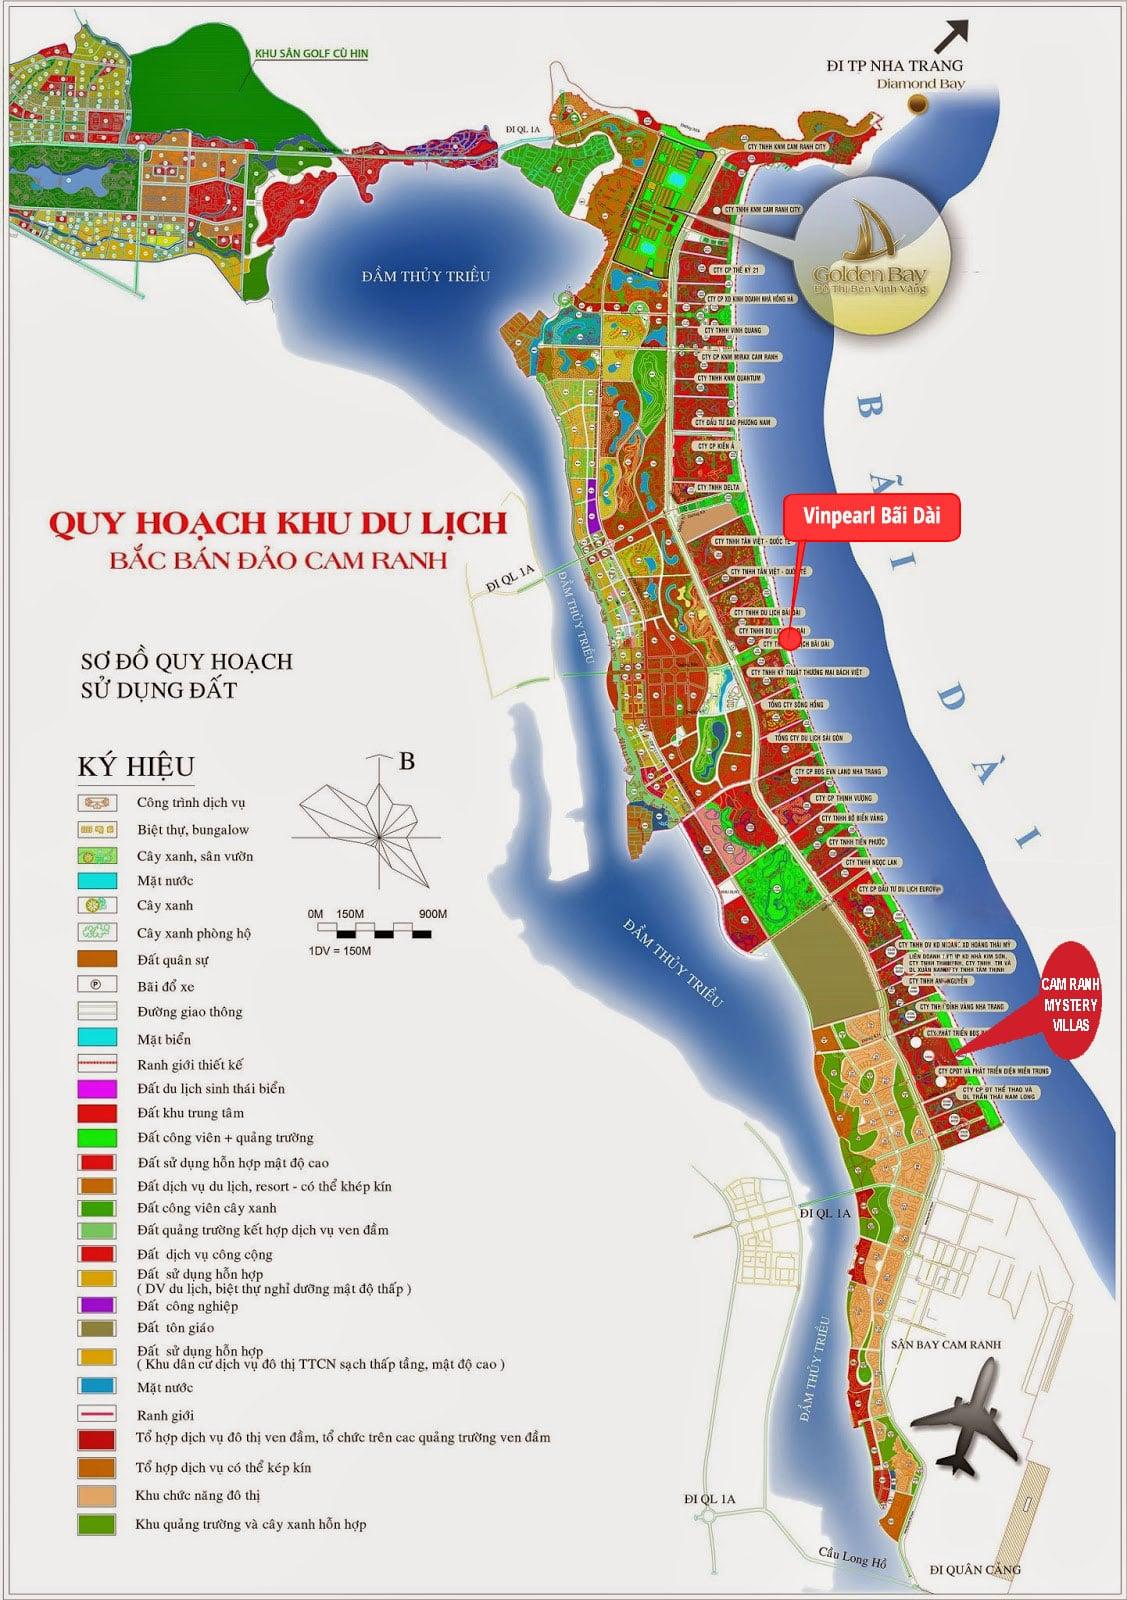 Bản đồ quy hoạch khu du lịch quốc tế bắc bán đảo Cam Ranh